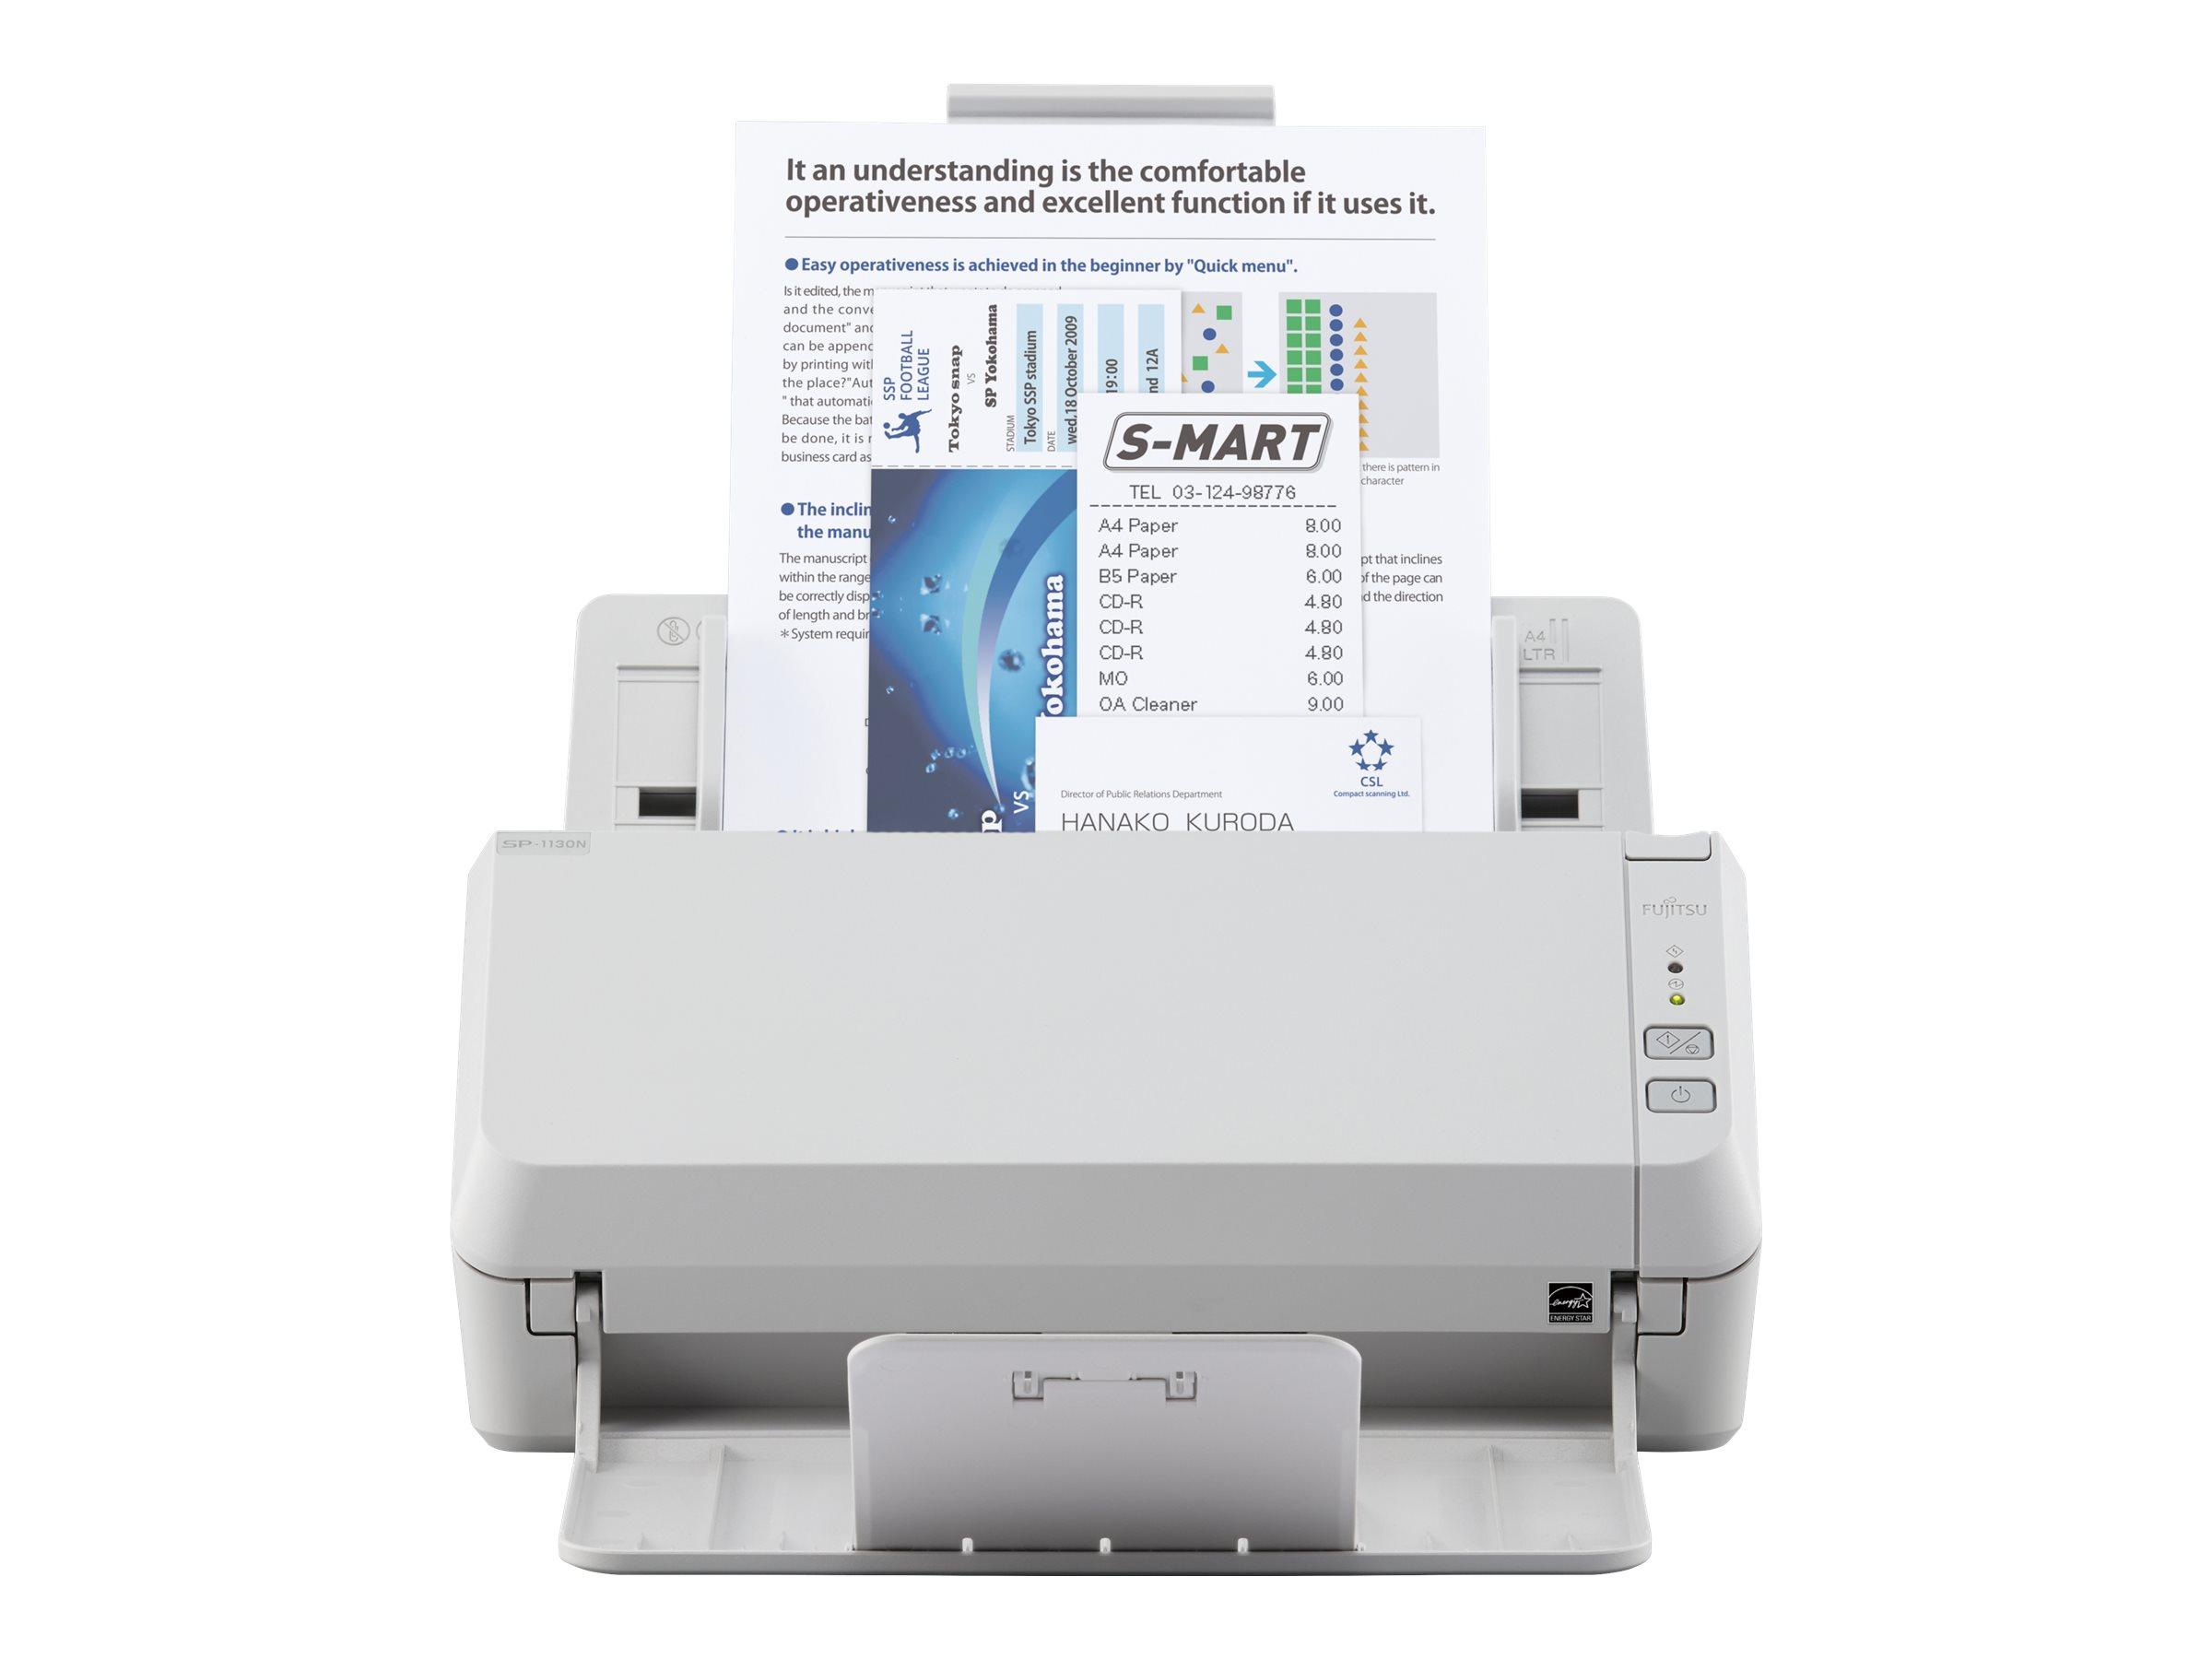 Fujitsu SP-1130N - Dokumentenscanner - Dual CIS - Duplex - 216 x 355.6 mm - 600 dpi x 600 dpi - bis zu 30 Seiten/Min. (einfarbig)